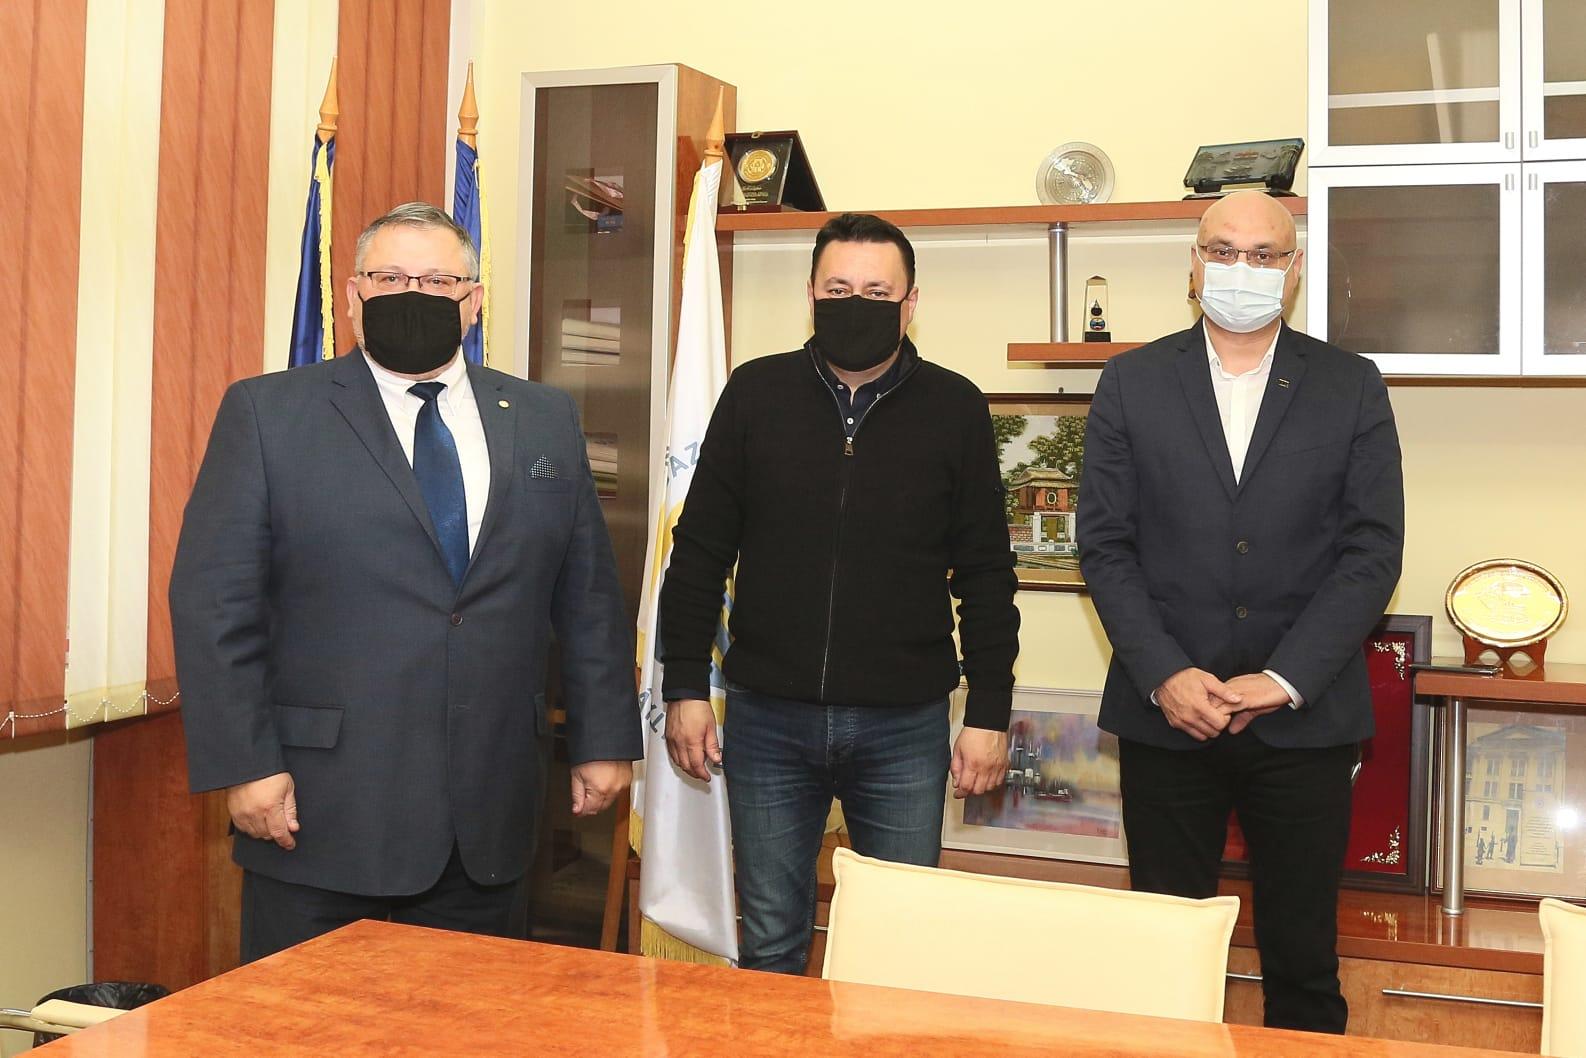 Primarul Ploieștiului, în vizită la UPG Ploiești: Ne dorim o colaborare pentru realizarea unui studiu cu privire la termia orașului – FOTO